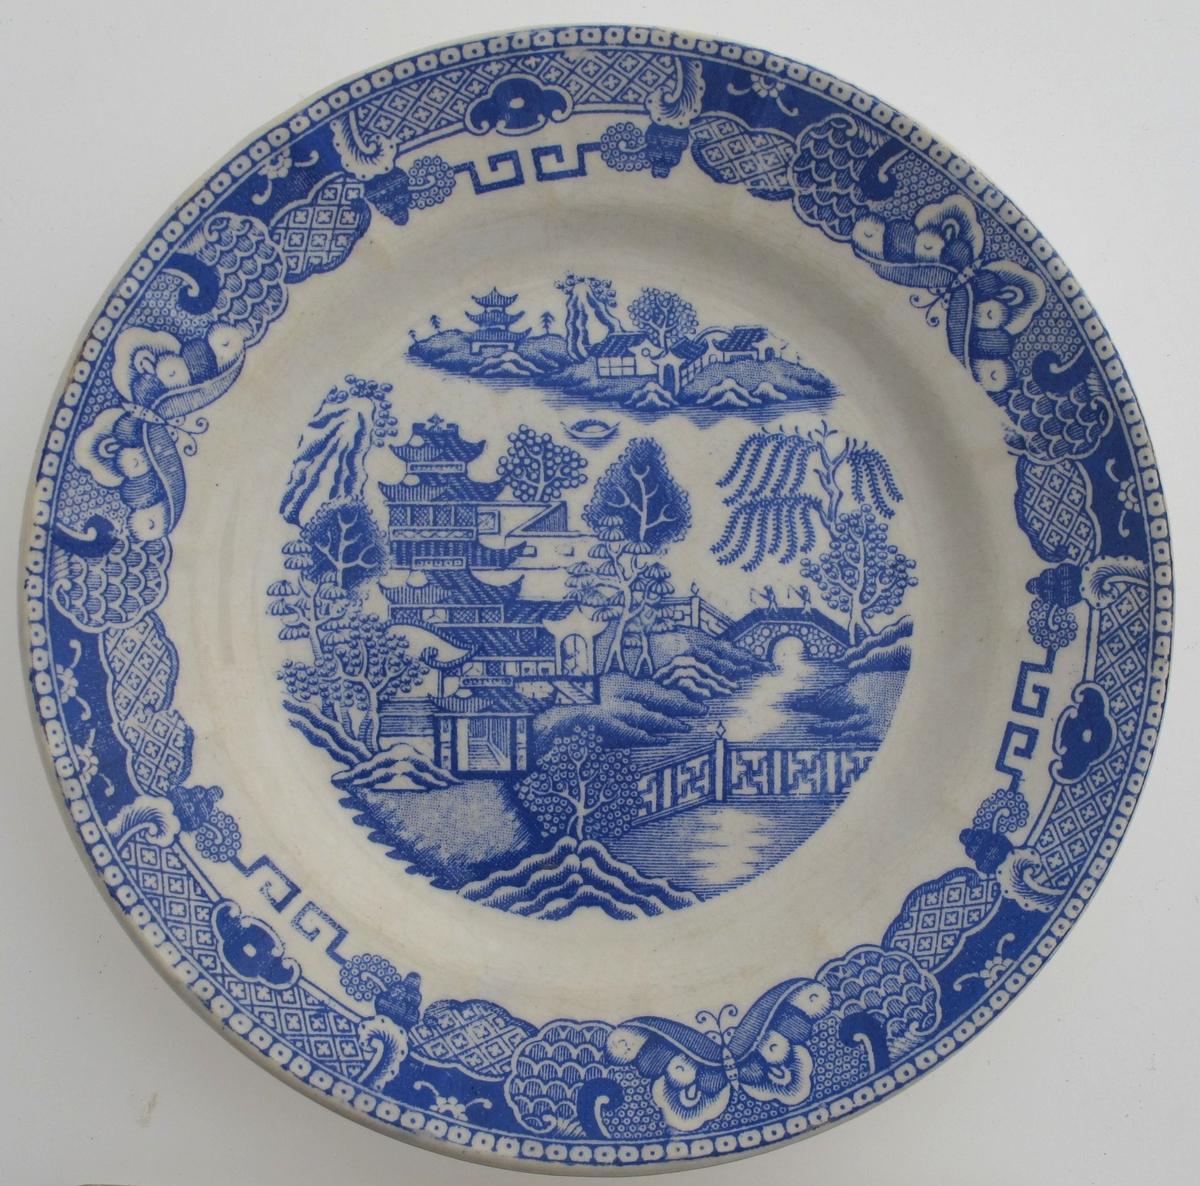 Deler av  kaffeservise, mønster   Willow Pattern,  1880 årene,  Egersund Fayencefabrik. Stemplet. (type 1880-88).    Stentøy,  hvitt med blå påtrykt dekor, dels gullkant.   AAM.1205l-53. Asjetter, 3 stk.   AAM.12054-58 3 kopper med 5 skåler.  AAM.12059. Fløtemugge.